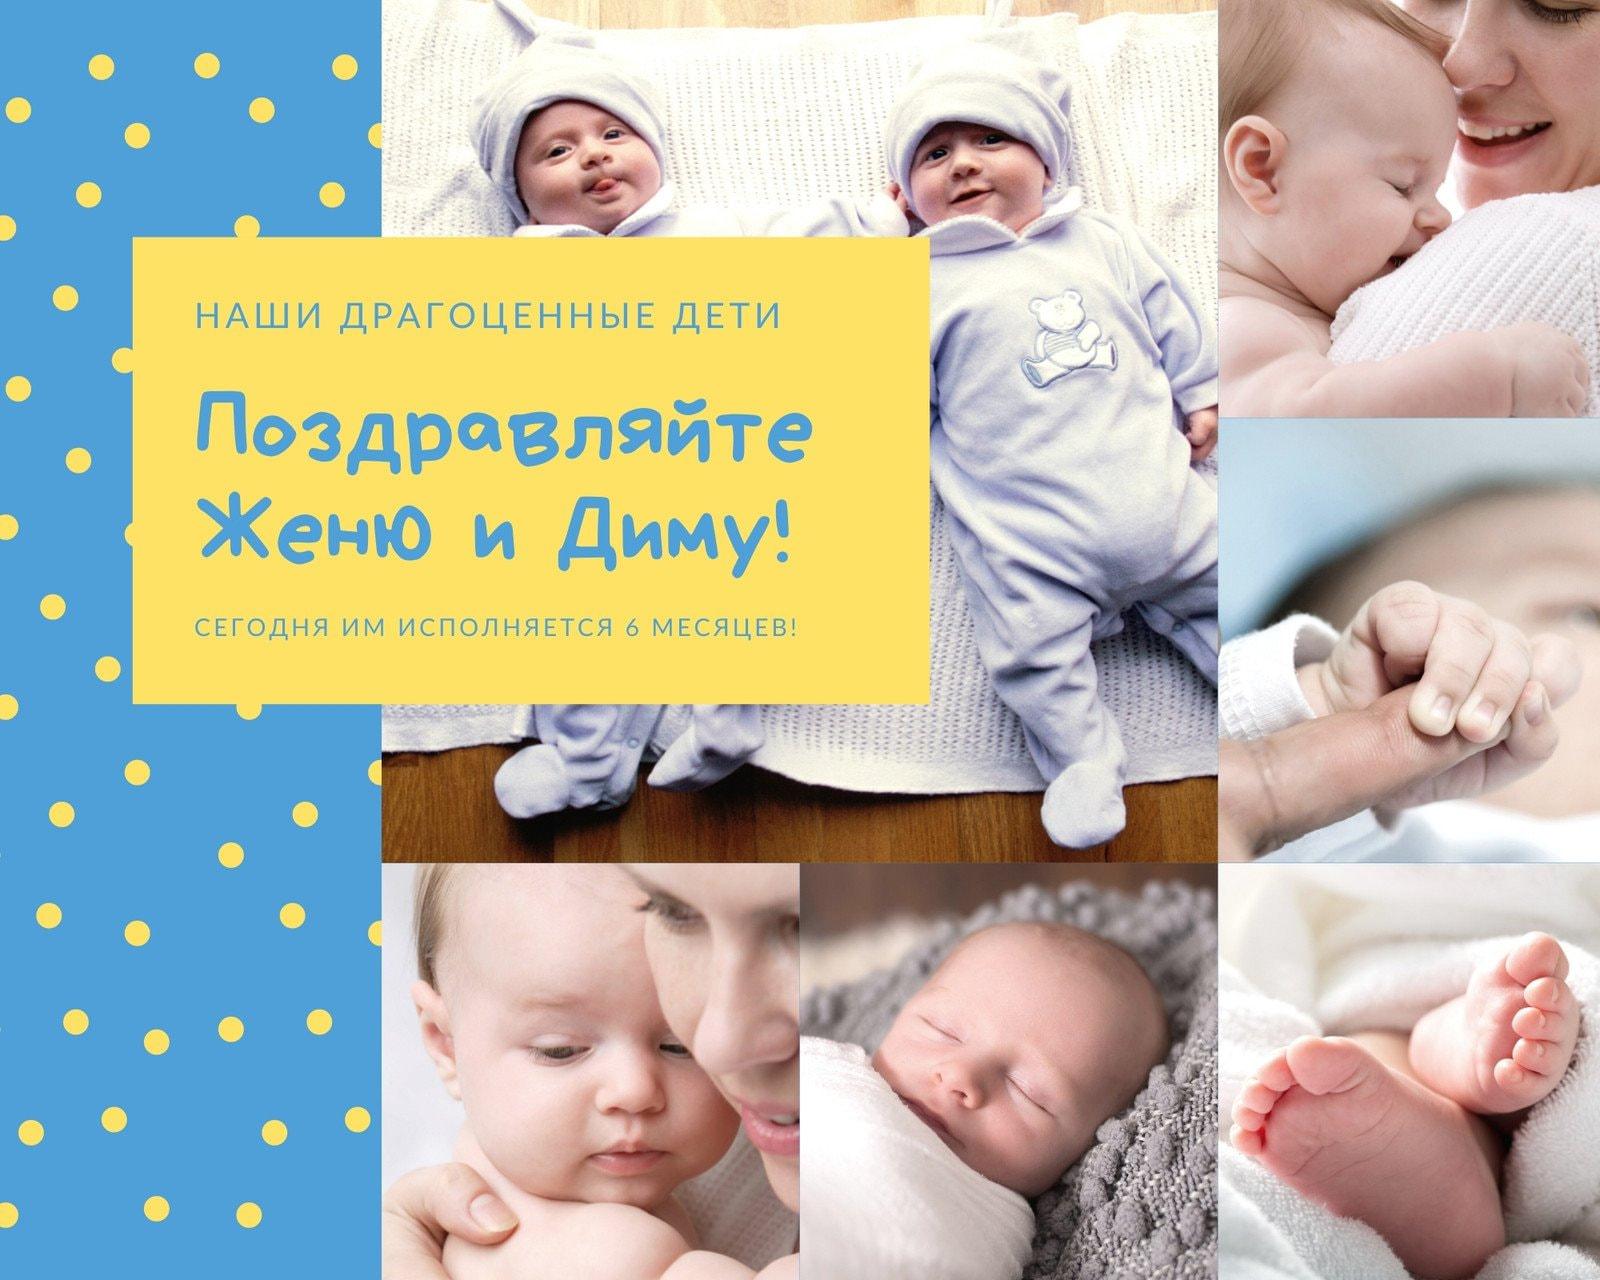 Синий Близнецы Ребенок Фотоколлаж